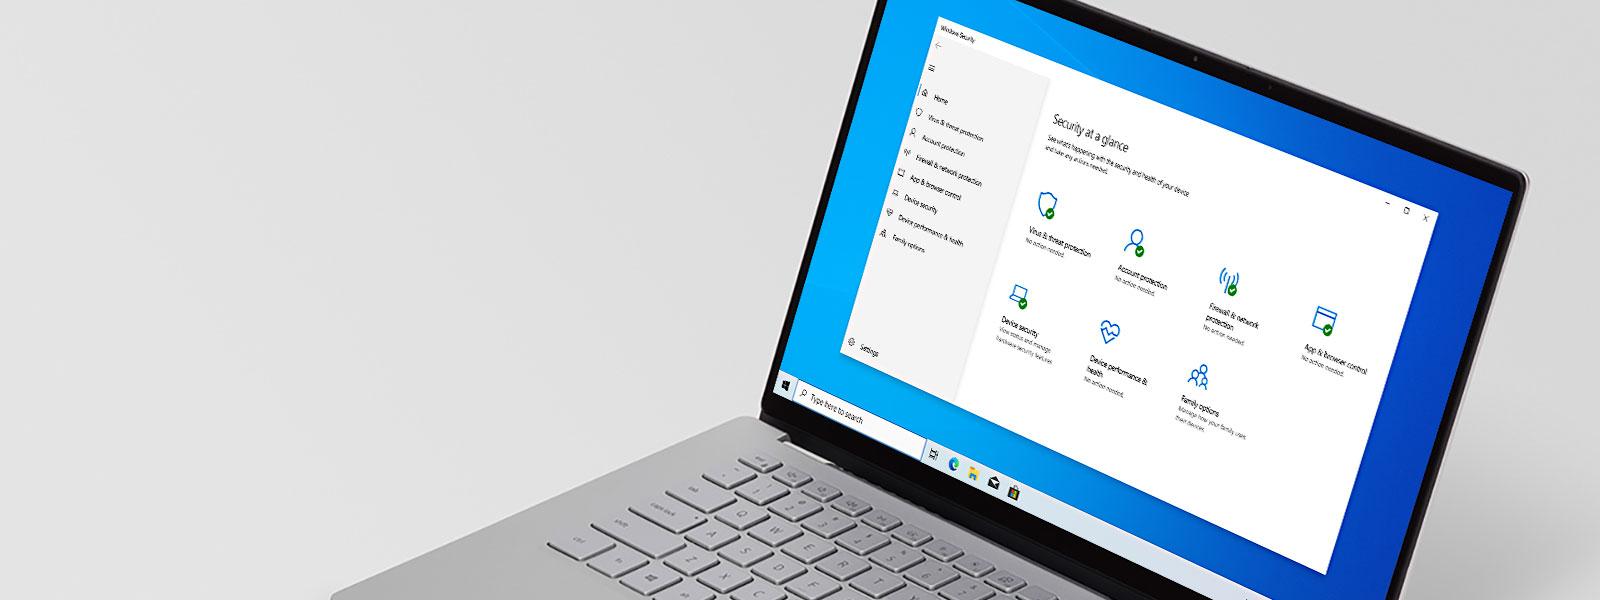 Prenosnik s sistemom Windows 10, ki prikazuje okno aplikacije Microsoft Defender Antivirus